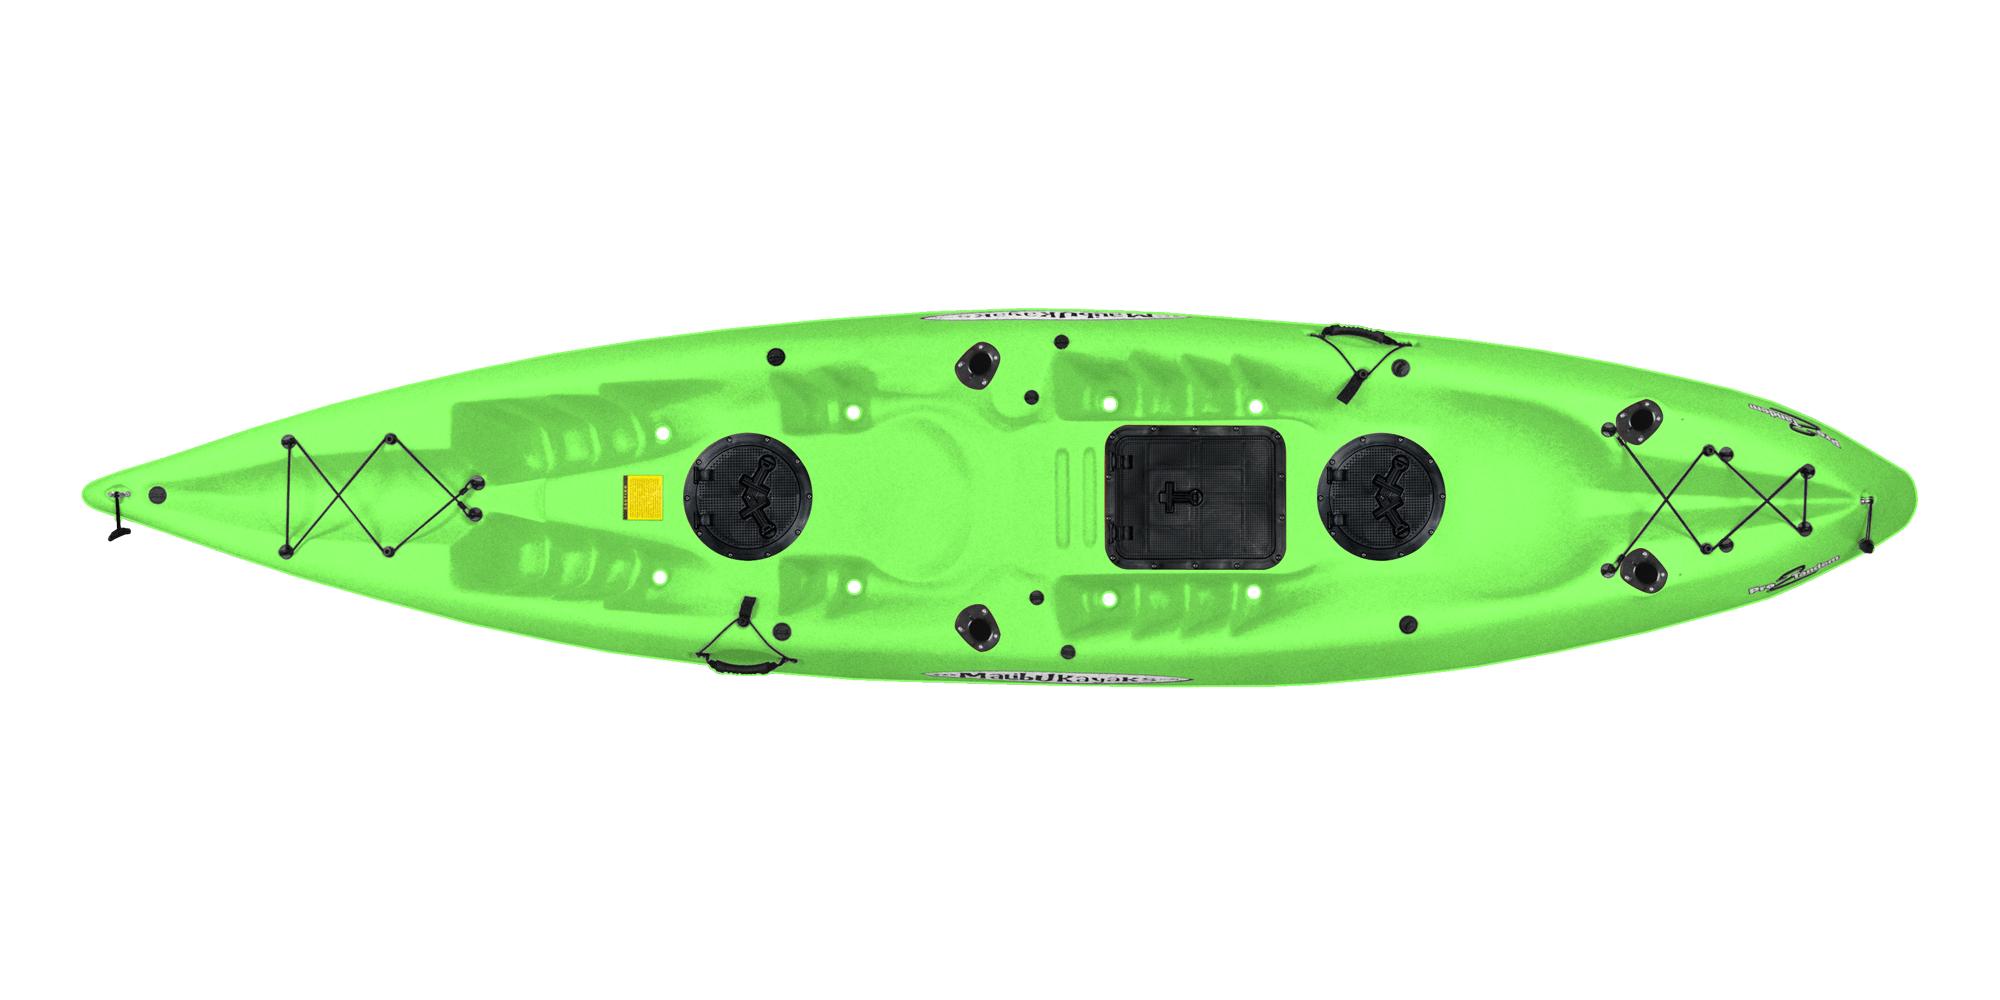 Pro malibu kayaks. Kayaking clipart tandem kayak